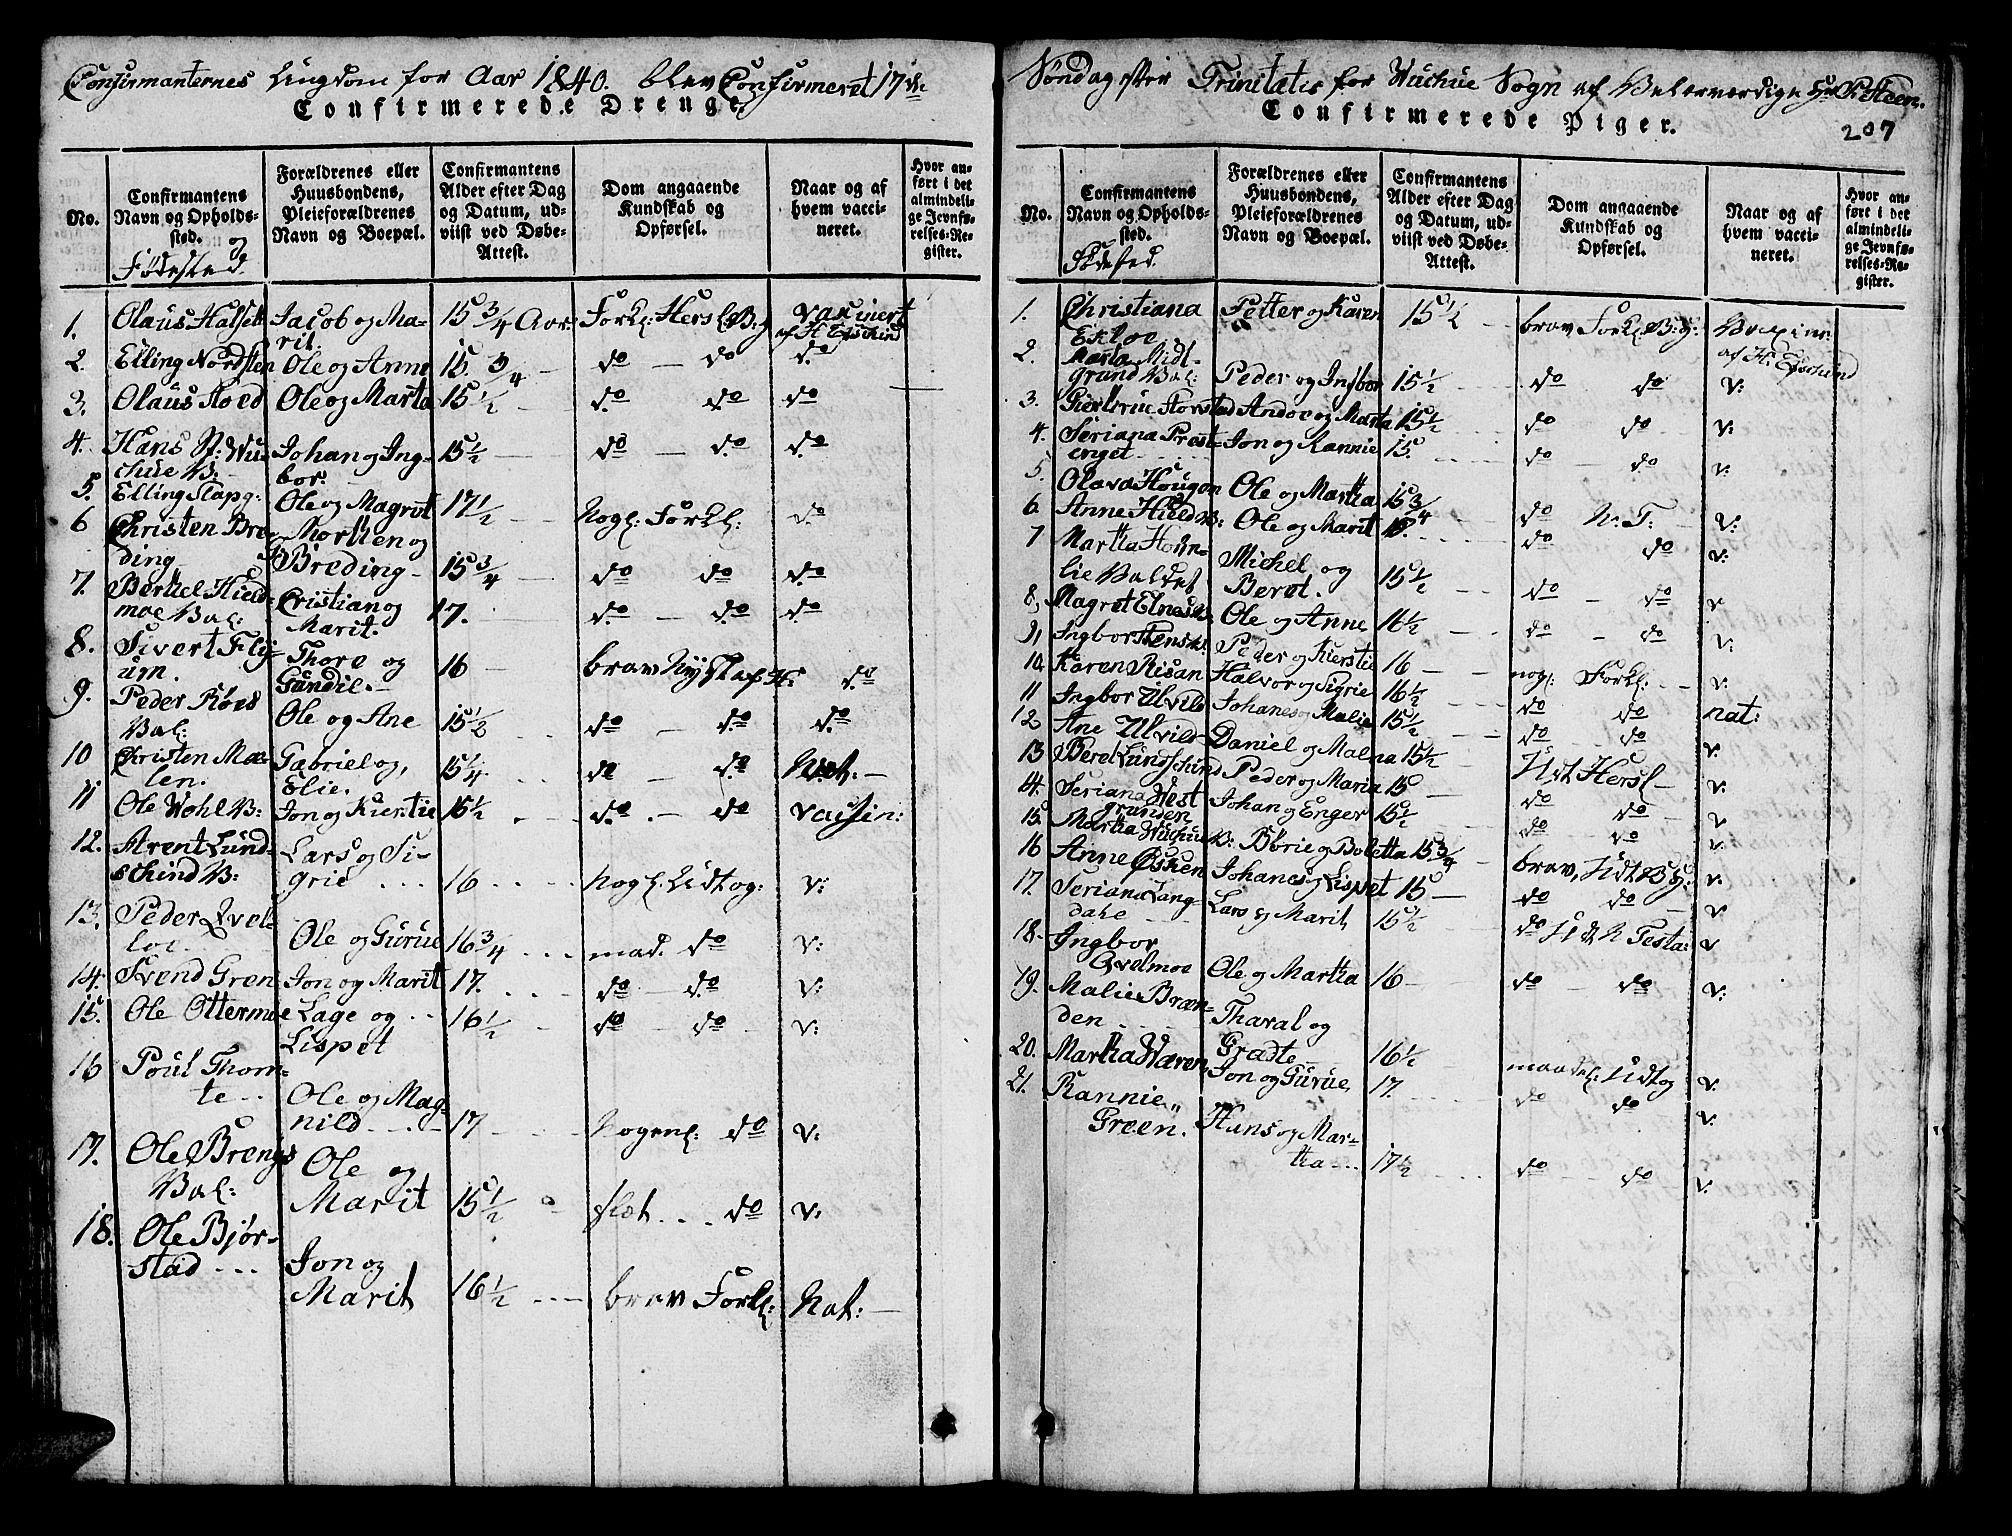 SAT, Ministerialprotokoller, klokkerbøker og fødselsregistre - Nord-Trøndelag, 724/L0265: Klokkerbok nr. 724C01, 1816-1845, s. 207